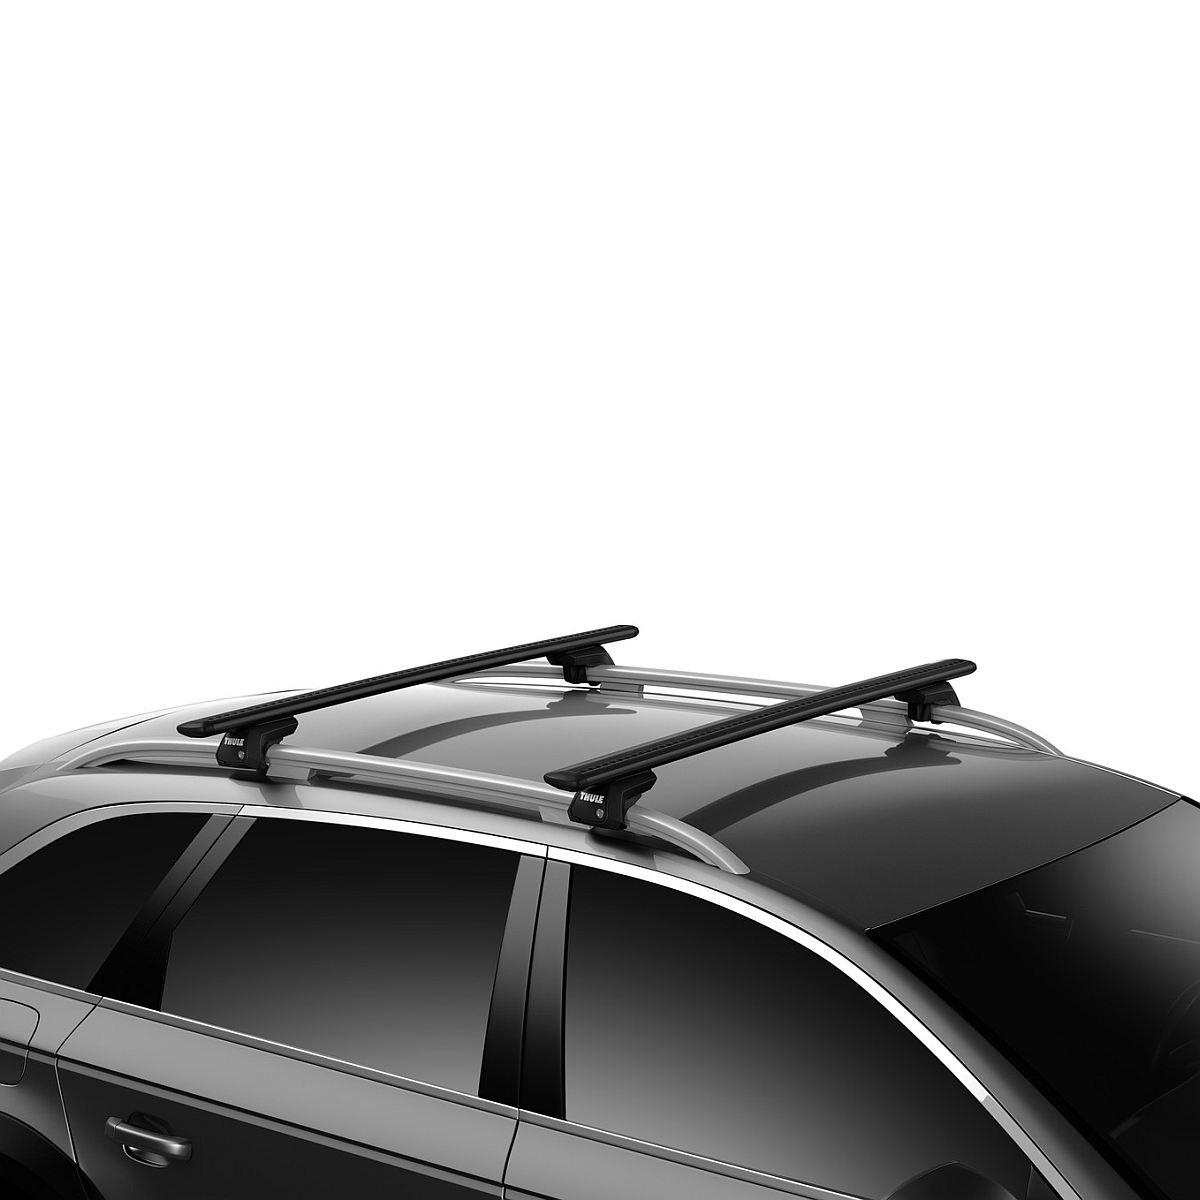 Напречни греди Thule Evo Raised Rail WingBar Evo 127cm в Черно за DAIHATSU Terios 5 врати SUV 2006- с фабрични надлъжни греди с просвет 5